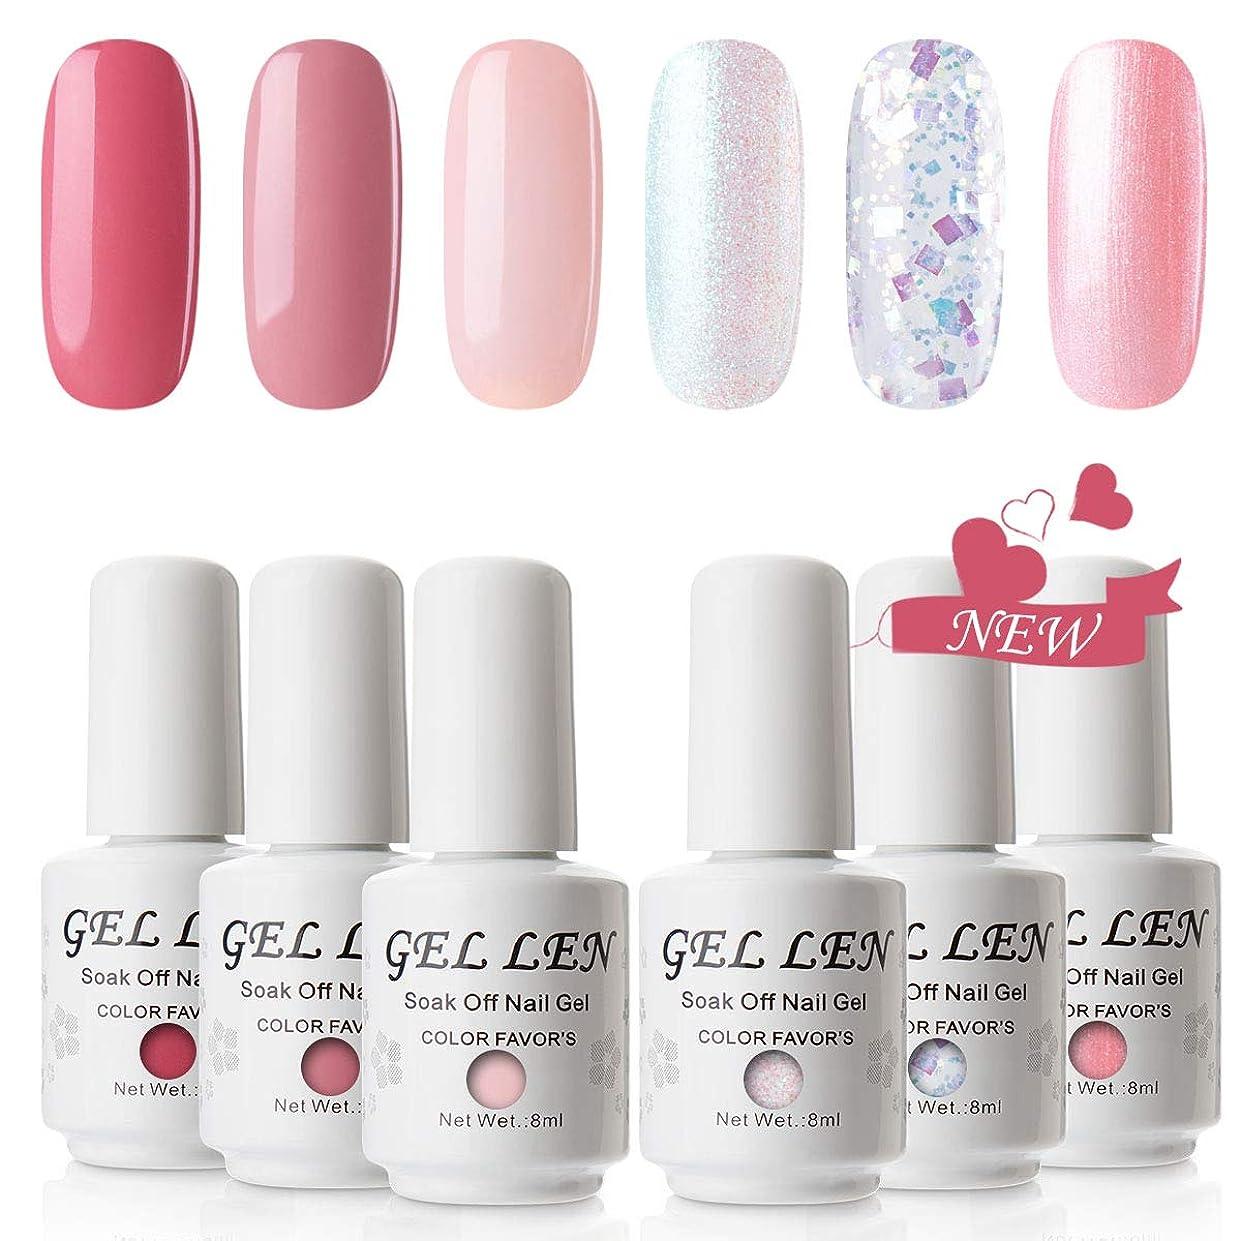 範囲北方教義Gellen ジェルネイル カラージェル 厳選6色 UV/LED ラメ 全ての女性に愛されるカラー 8ml ピンク ホワイトラメ